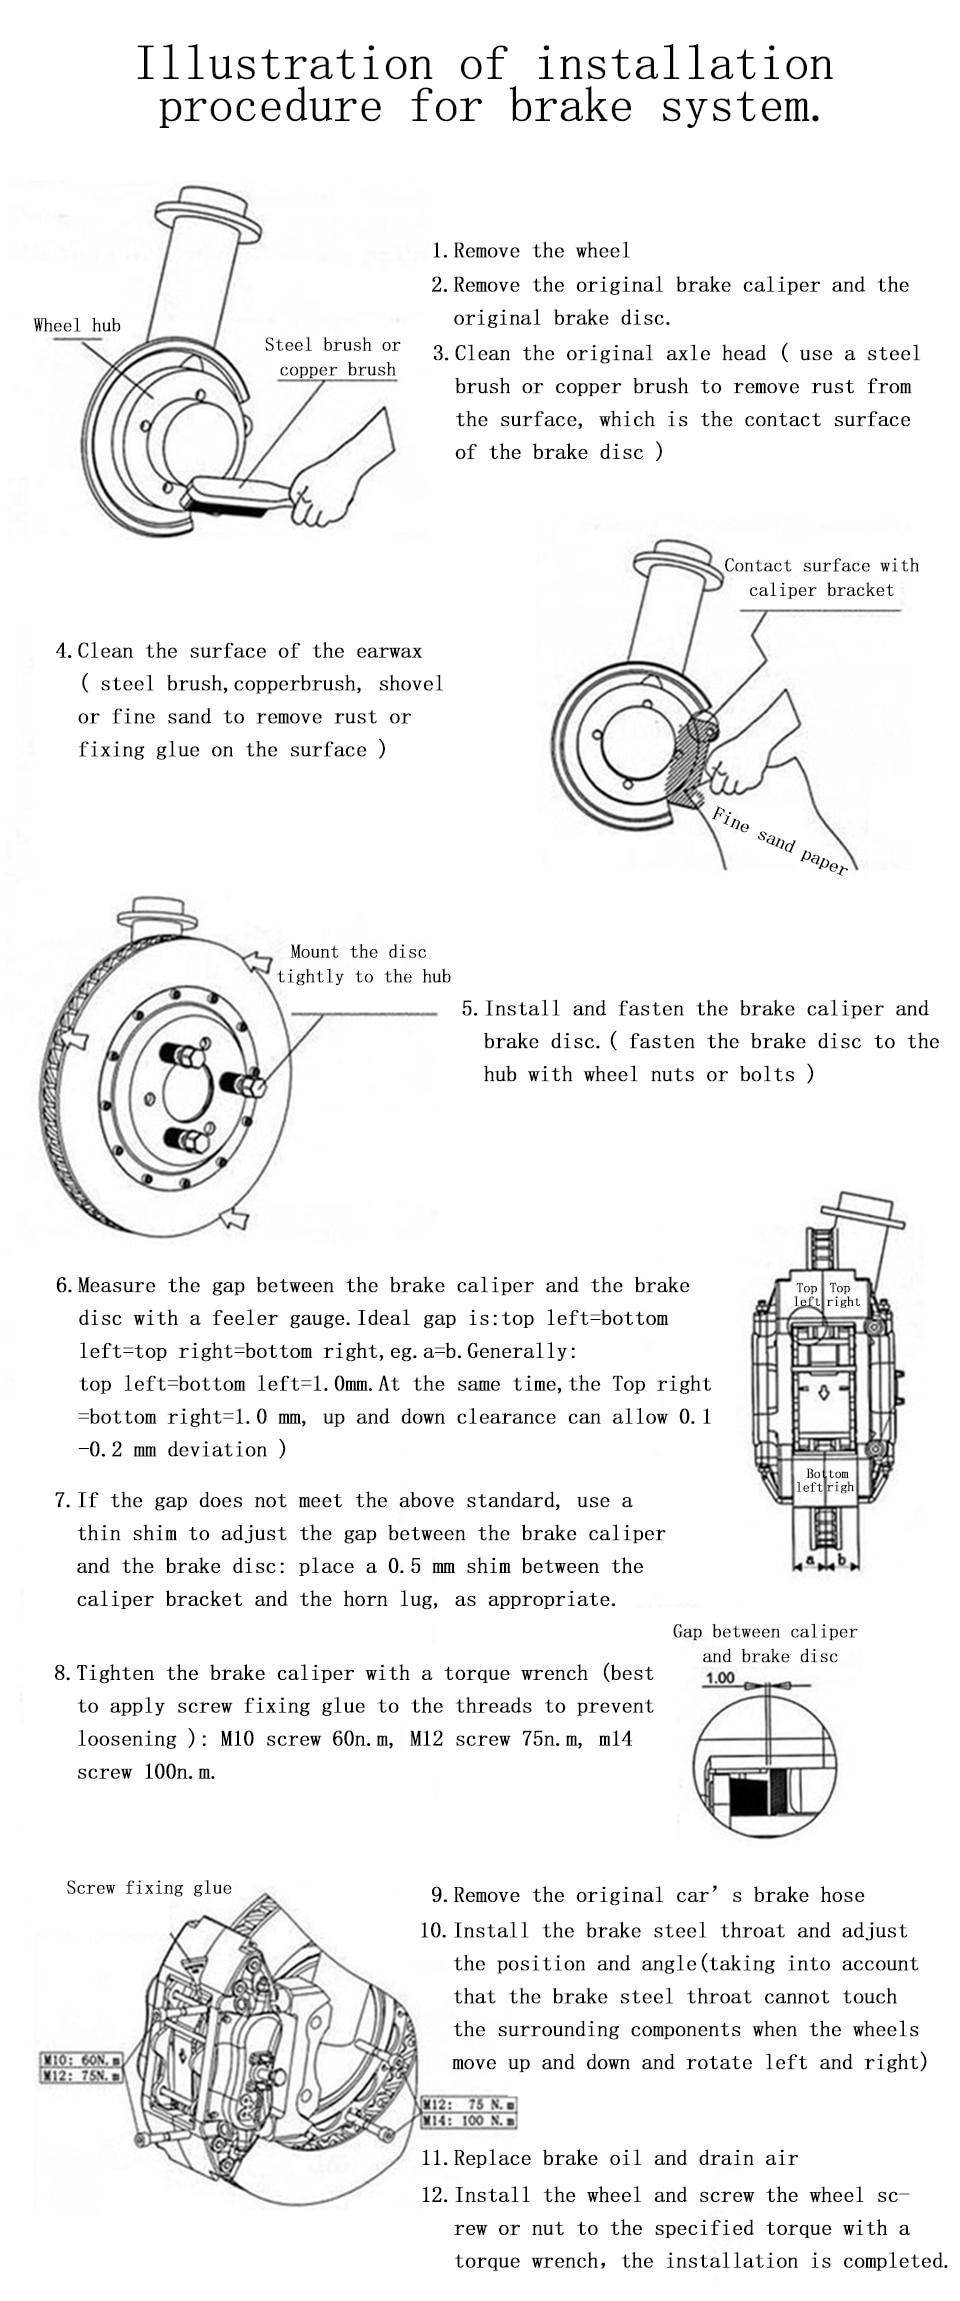 cp5200 4pot brake kit with 330*28mm brake disc for peugeot 307 for 17 rim  wheels